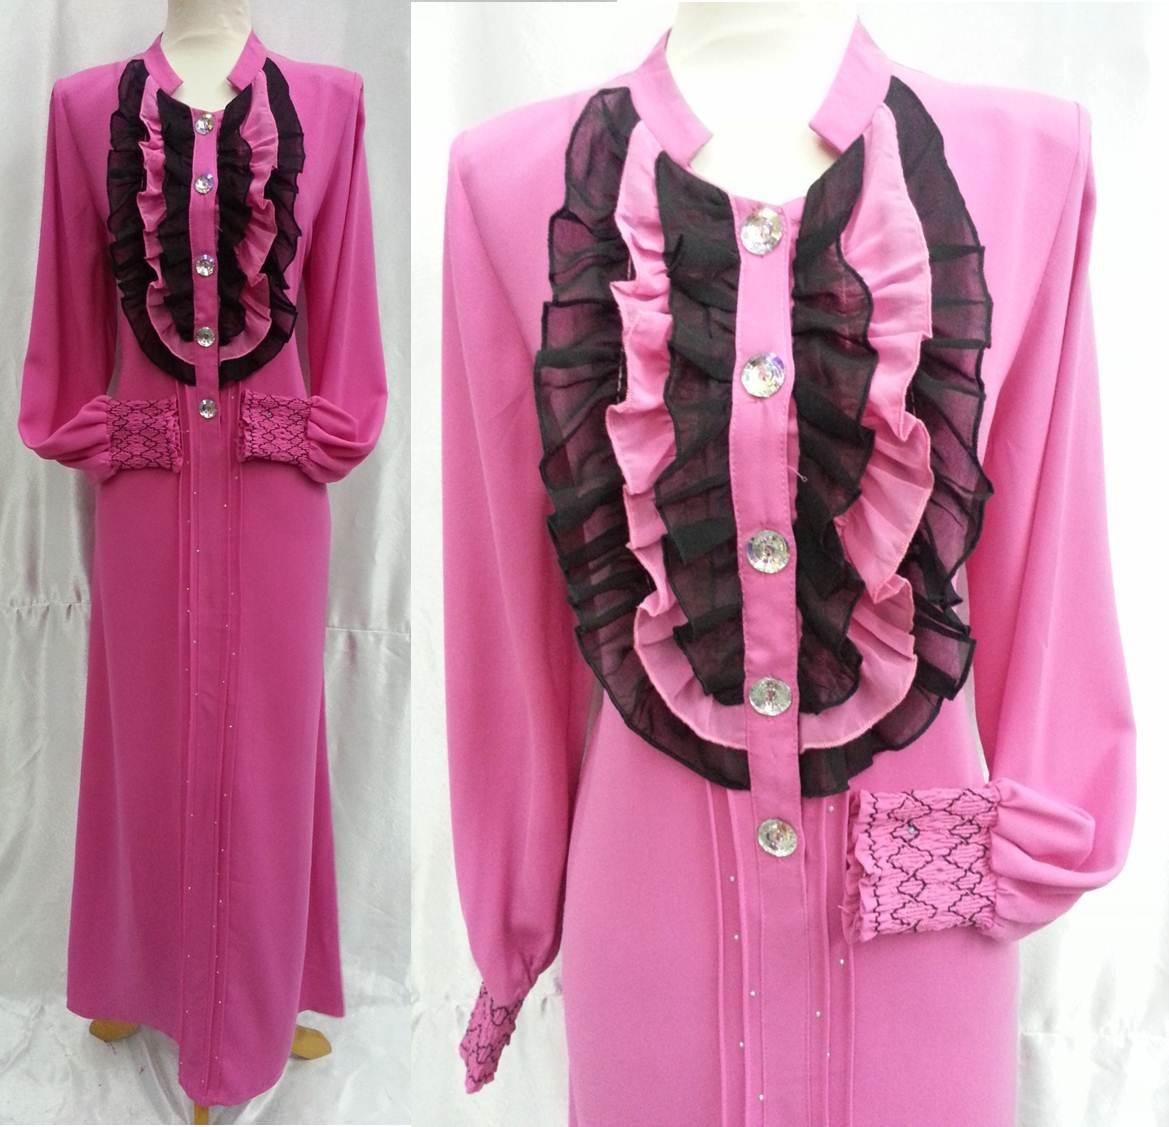 Kain Cotton Sesuai Untuk Jahit Baju Apa   apexwallpapers.com